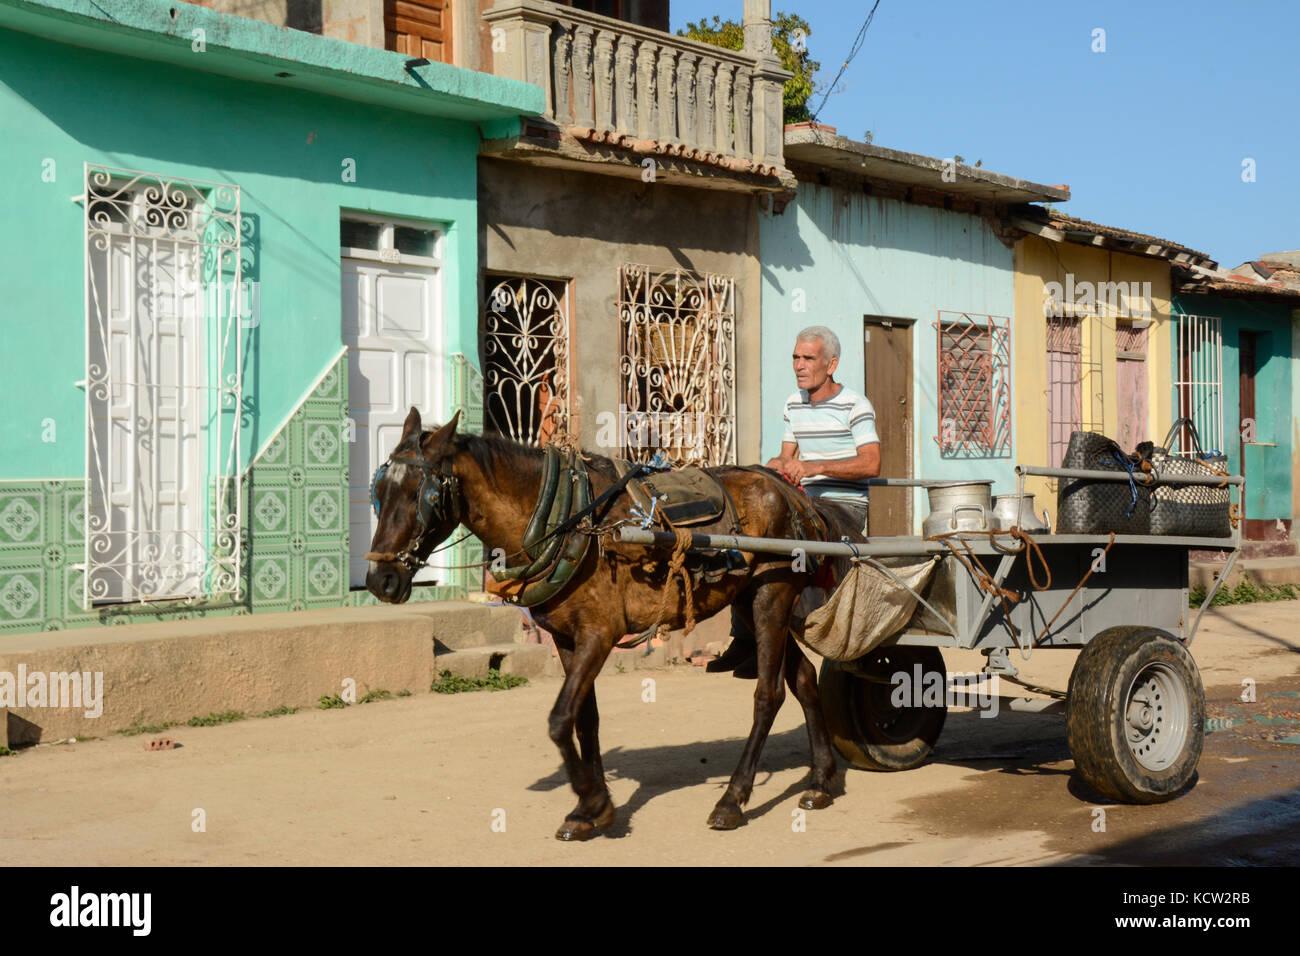 Delivering milk in a horse cart, Trinidad,  Cuba - Stock Image